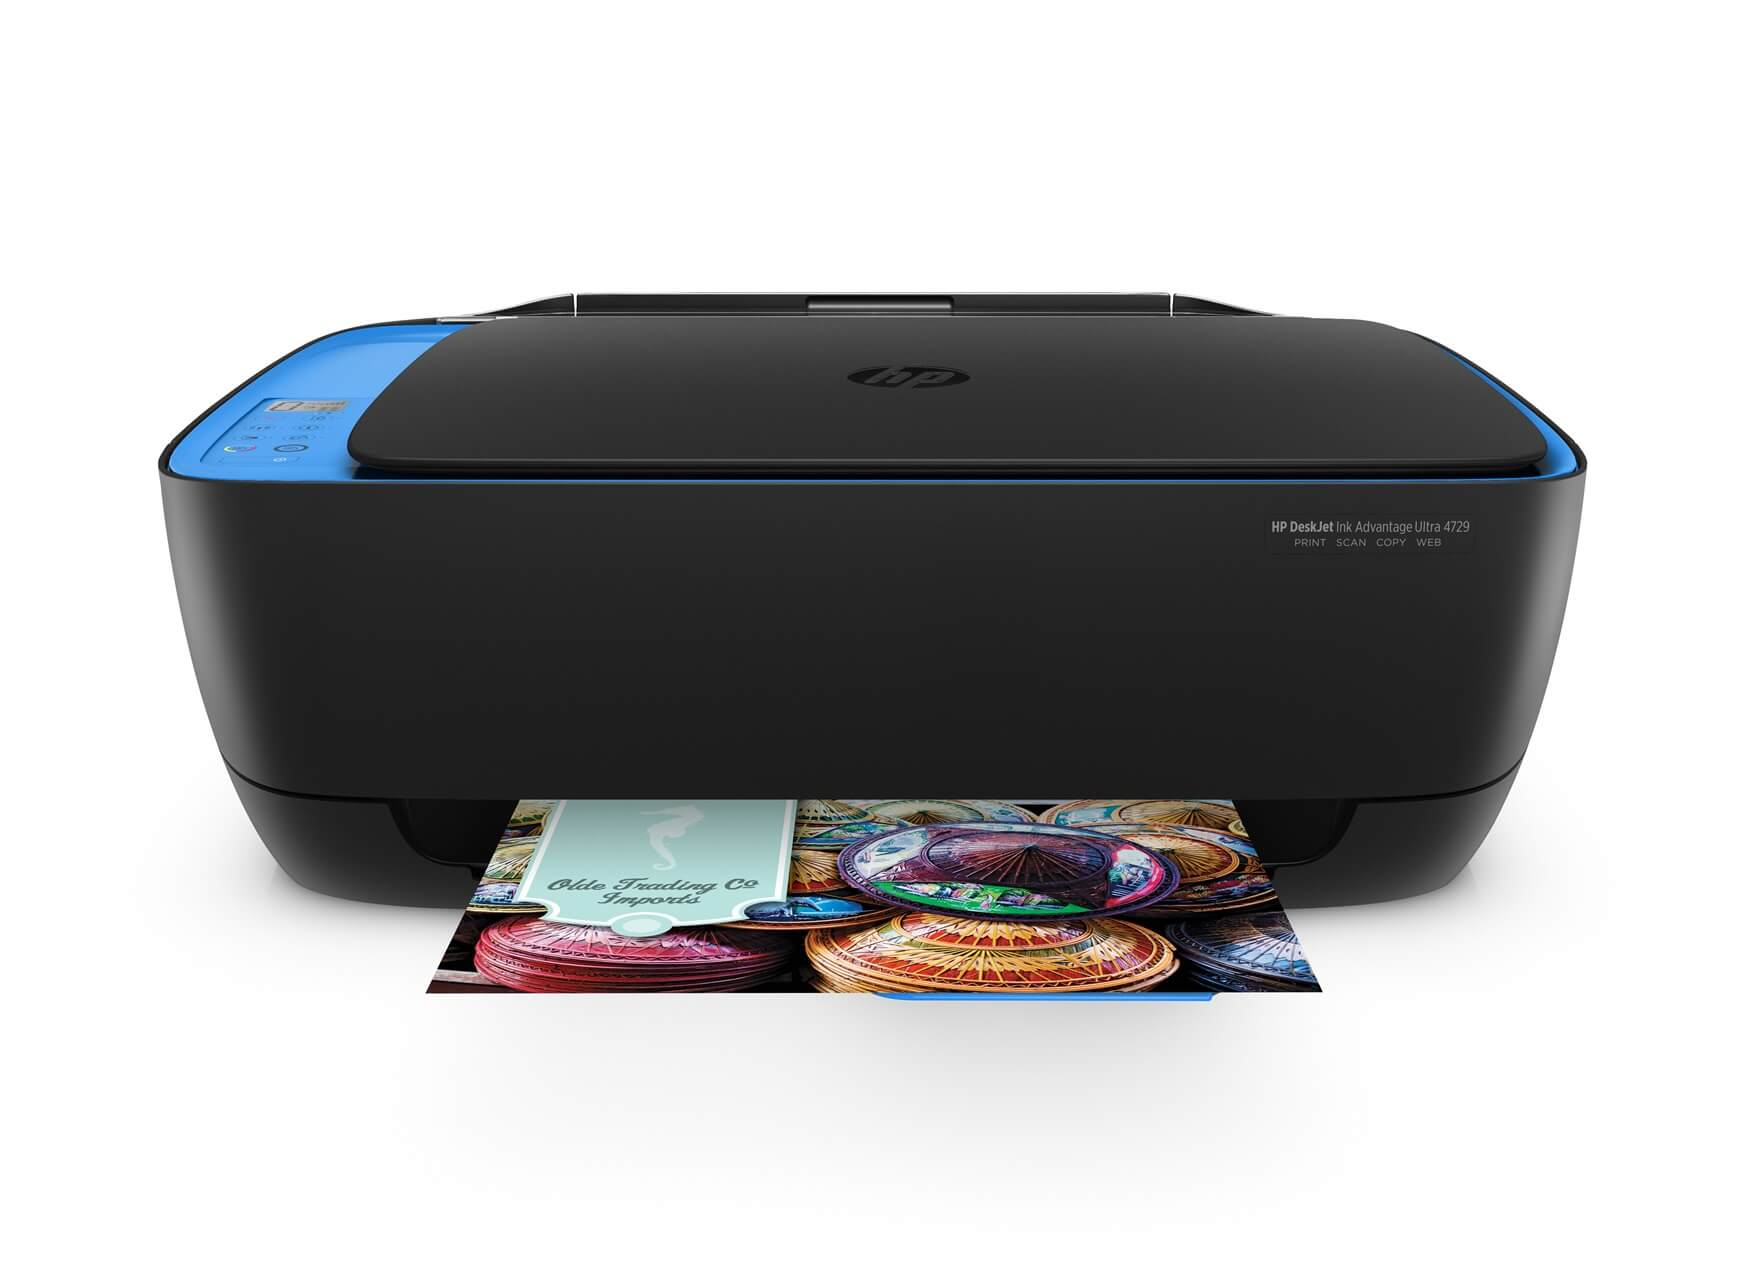 HP Deskjet 4729 Wireless